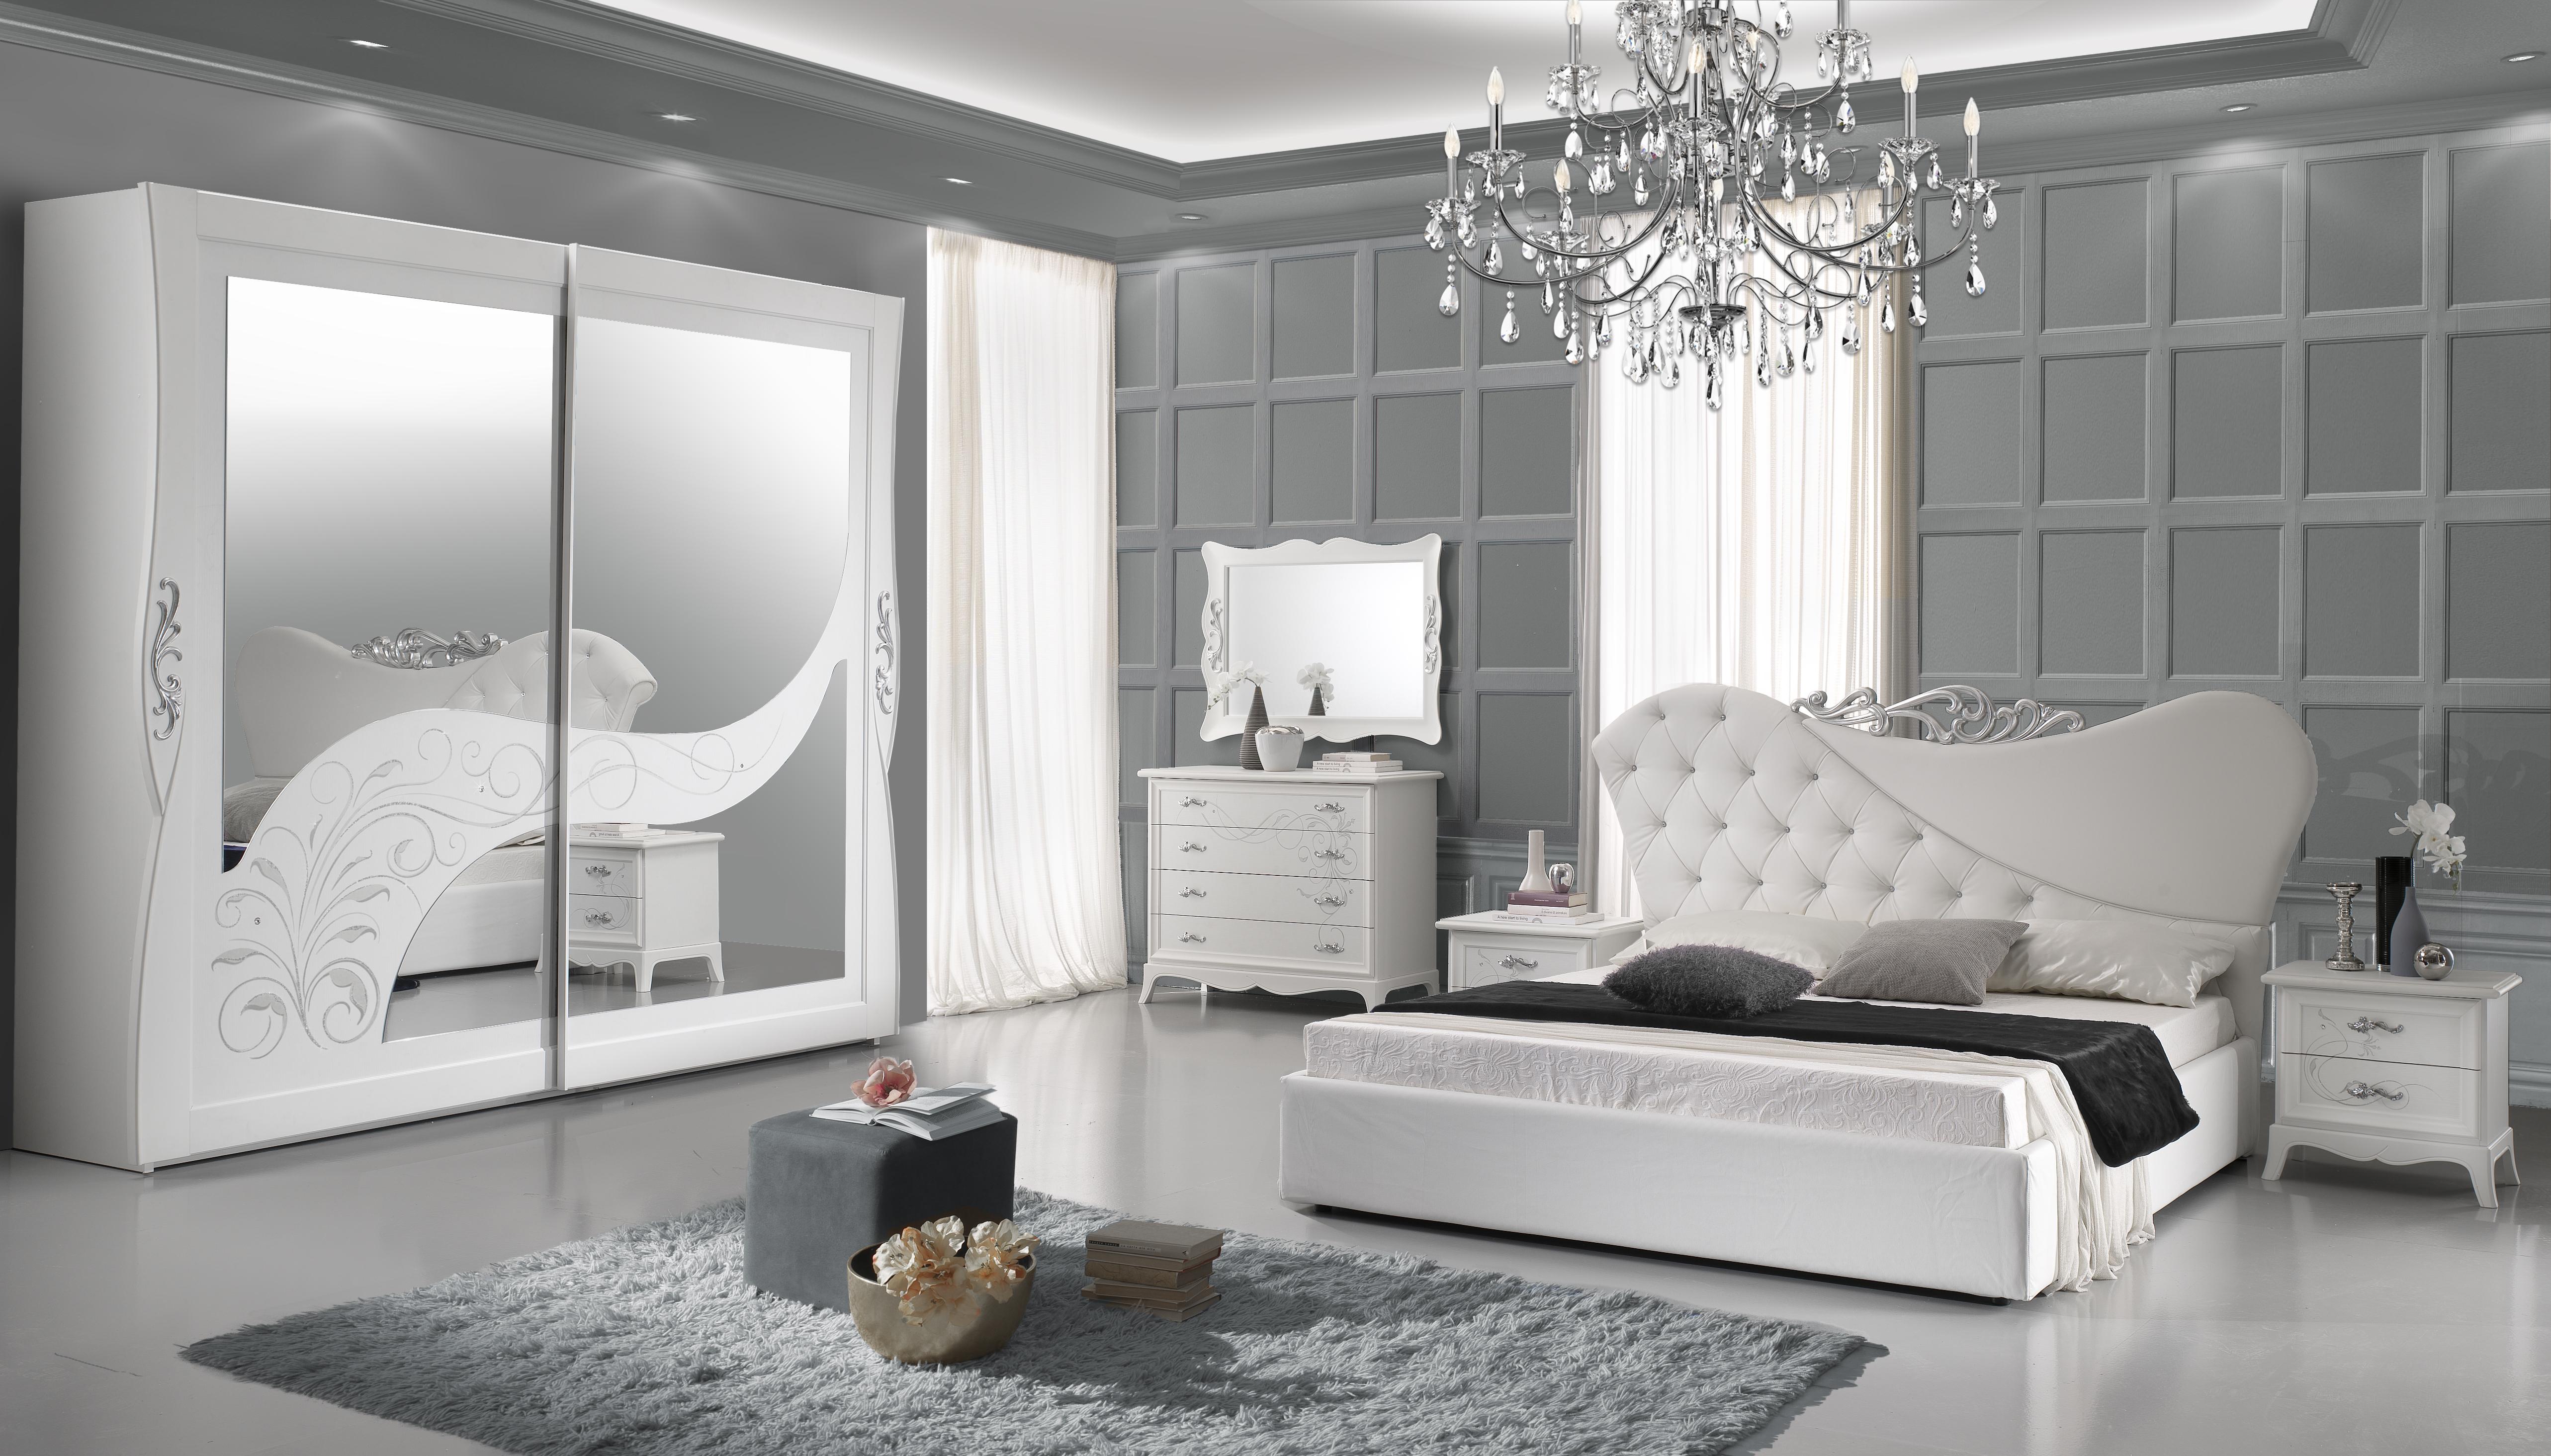 Schlafzimmer Gisell In Weiss Edel Luxus Schlafzimmer Ebay